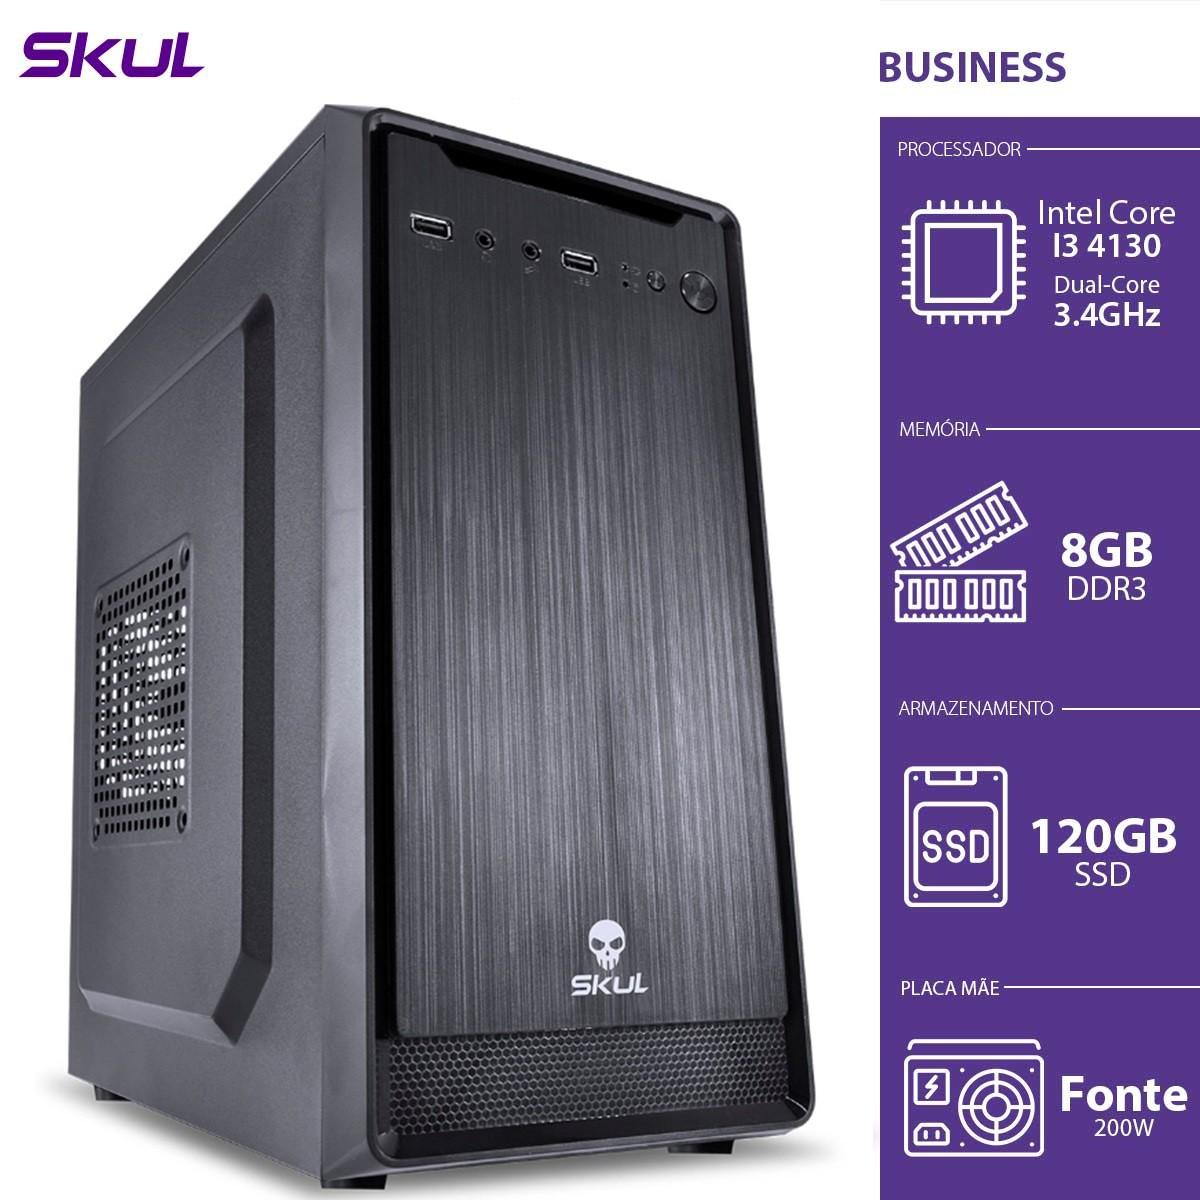 Computador Business B300 - I3-4130 3.4GHZ 8GB DDR3 SSD 120GB HDMI/VGA Fonte 200W - B41301208